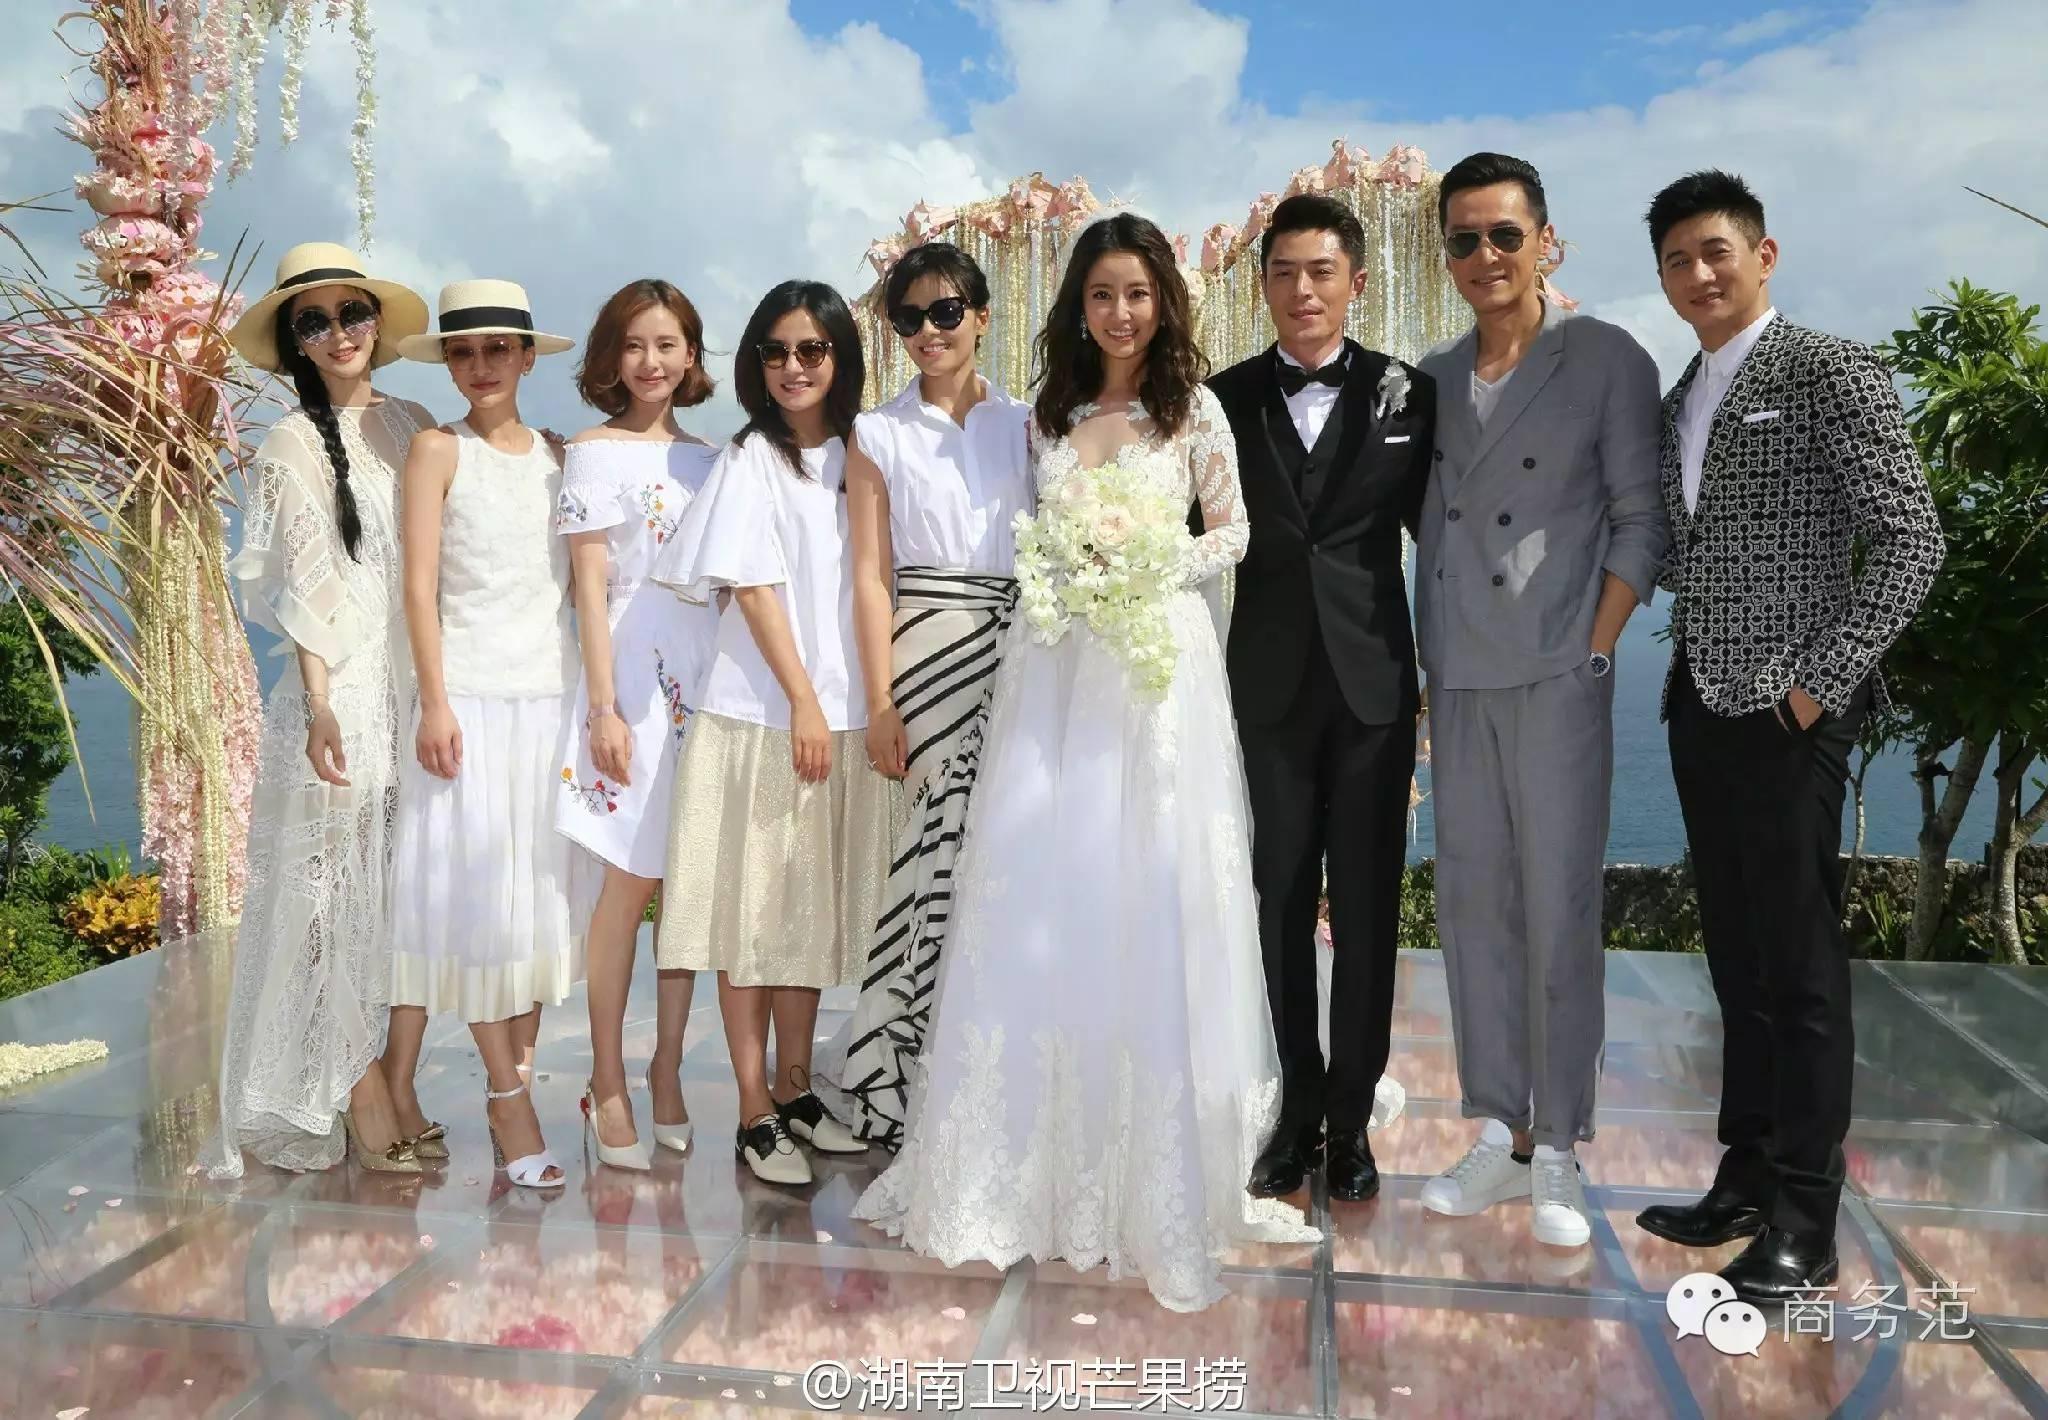 商务范:章子怡参加双宋婚礼被喷,到底穿什么才得体